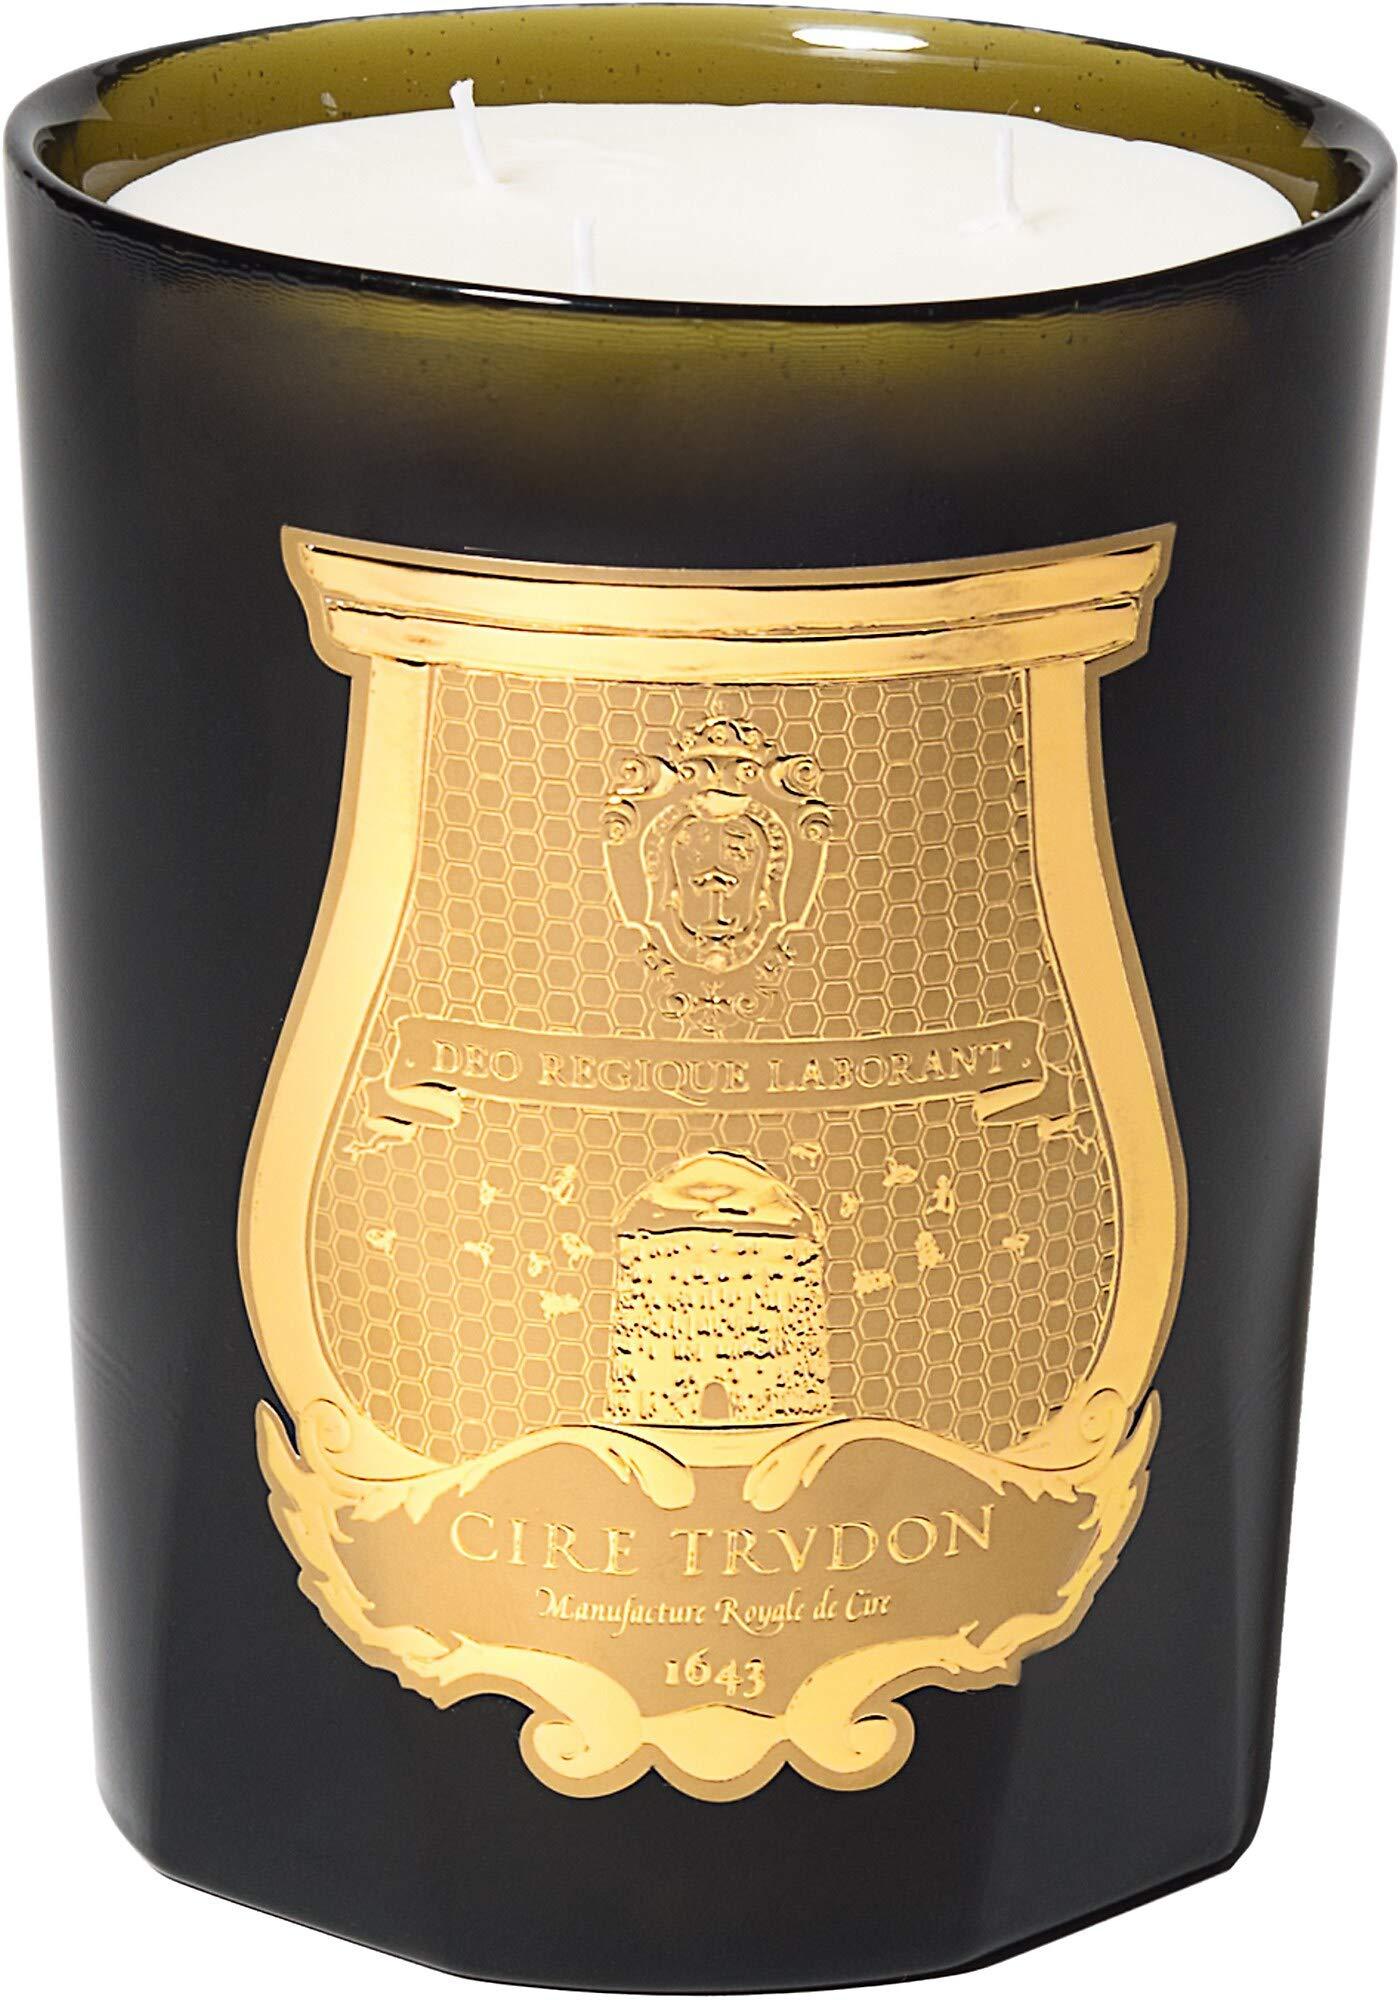 Cire Trudon Abd El Kader Candle (28 oz Intermezzo Candle - Moroccan Mint Tea Fragrance) by Cire Trudon